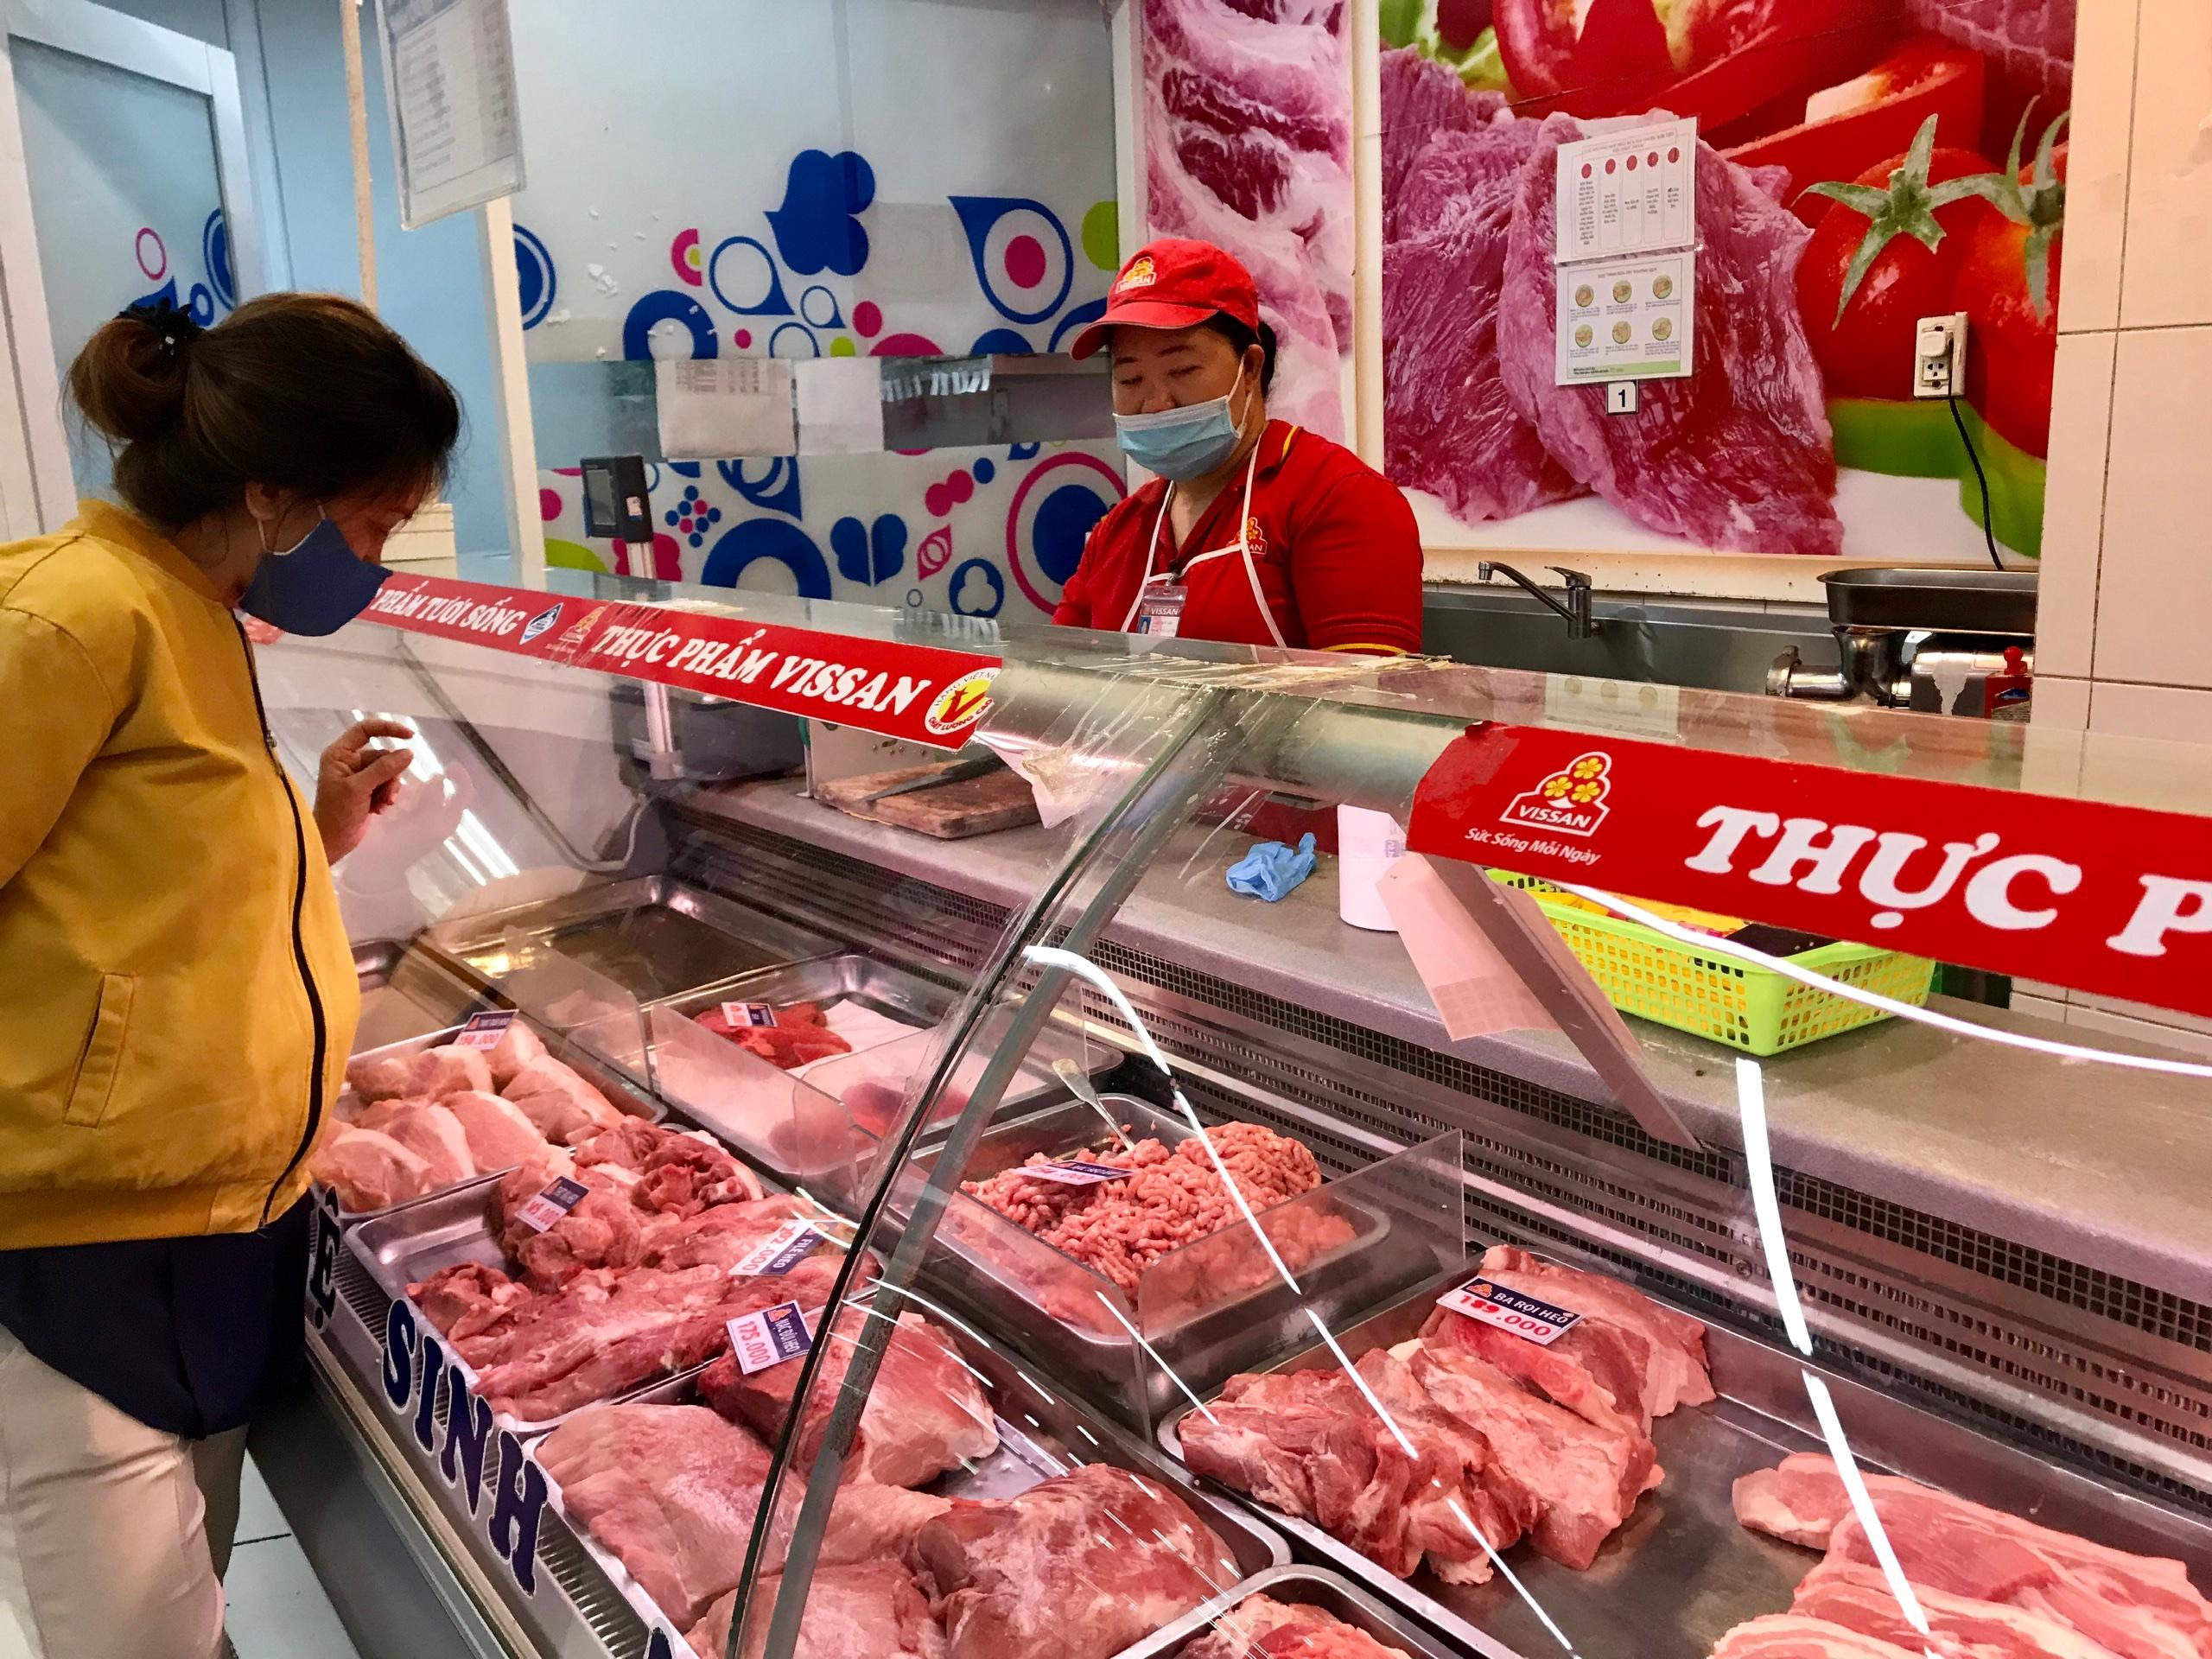 Theo dõi sát tình hình sản xuất, có phương án nhập khẩu thịt heo nếu cần thiết - Ảnh 1.